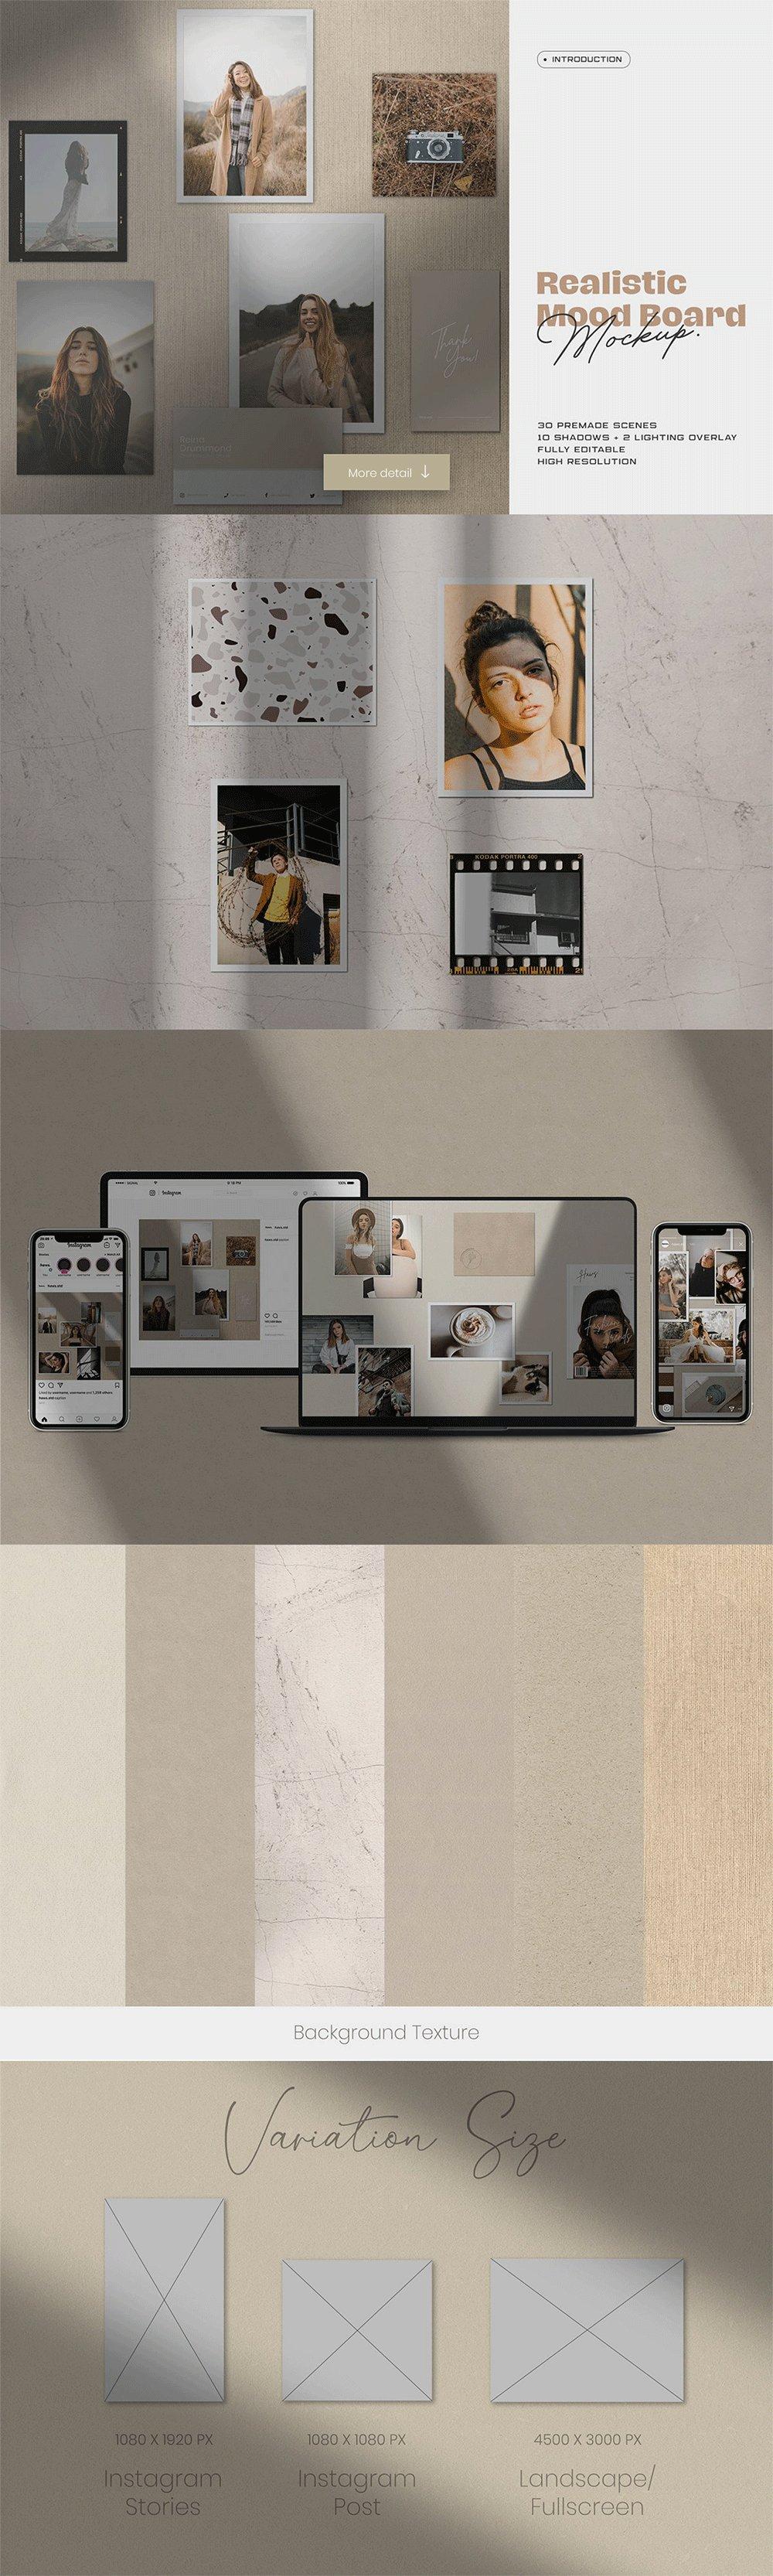 [淘宝购买] 10套文艺情绪板摄影相片卡片拼贴设计PSD源文件 Bundle Moodboard Mockup V1插图(1)